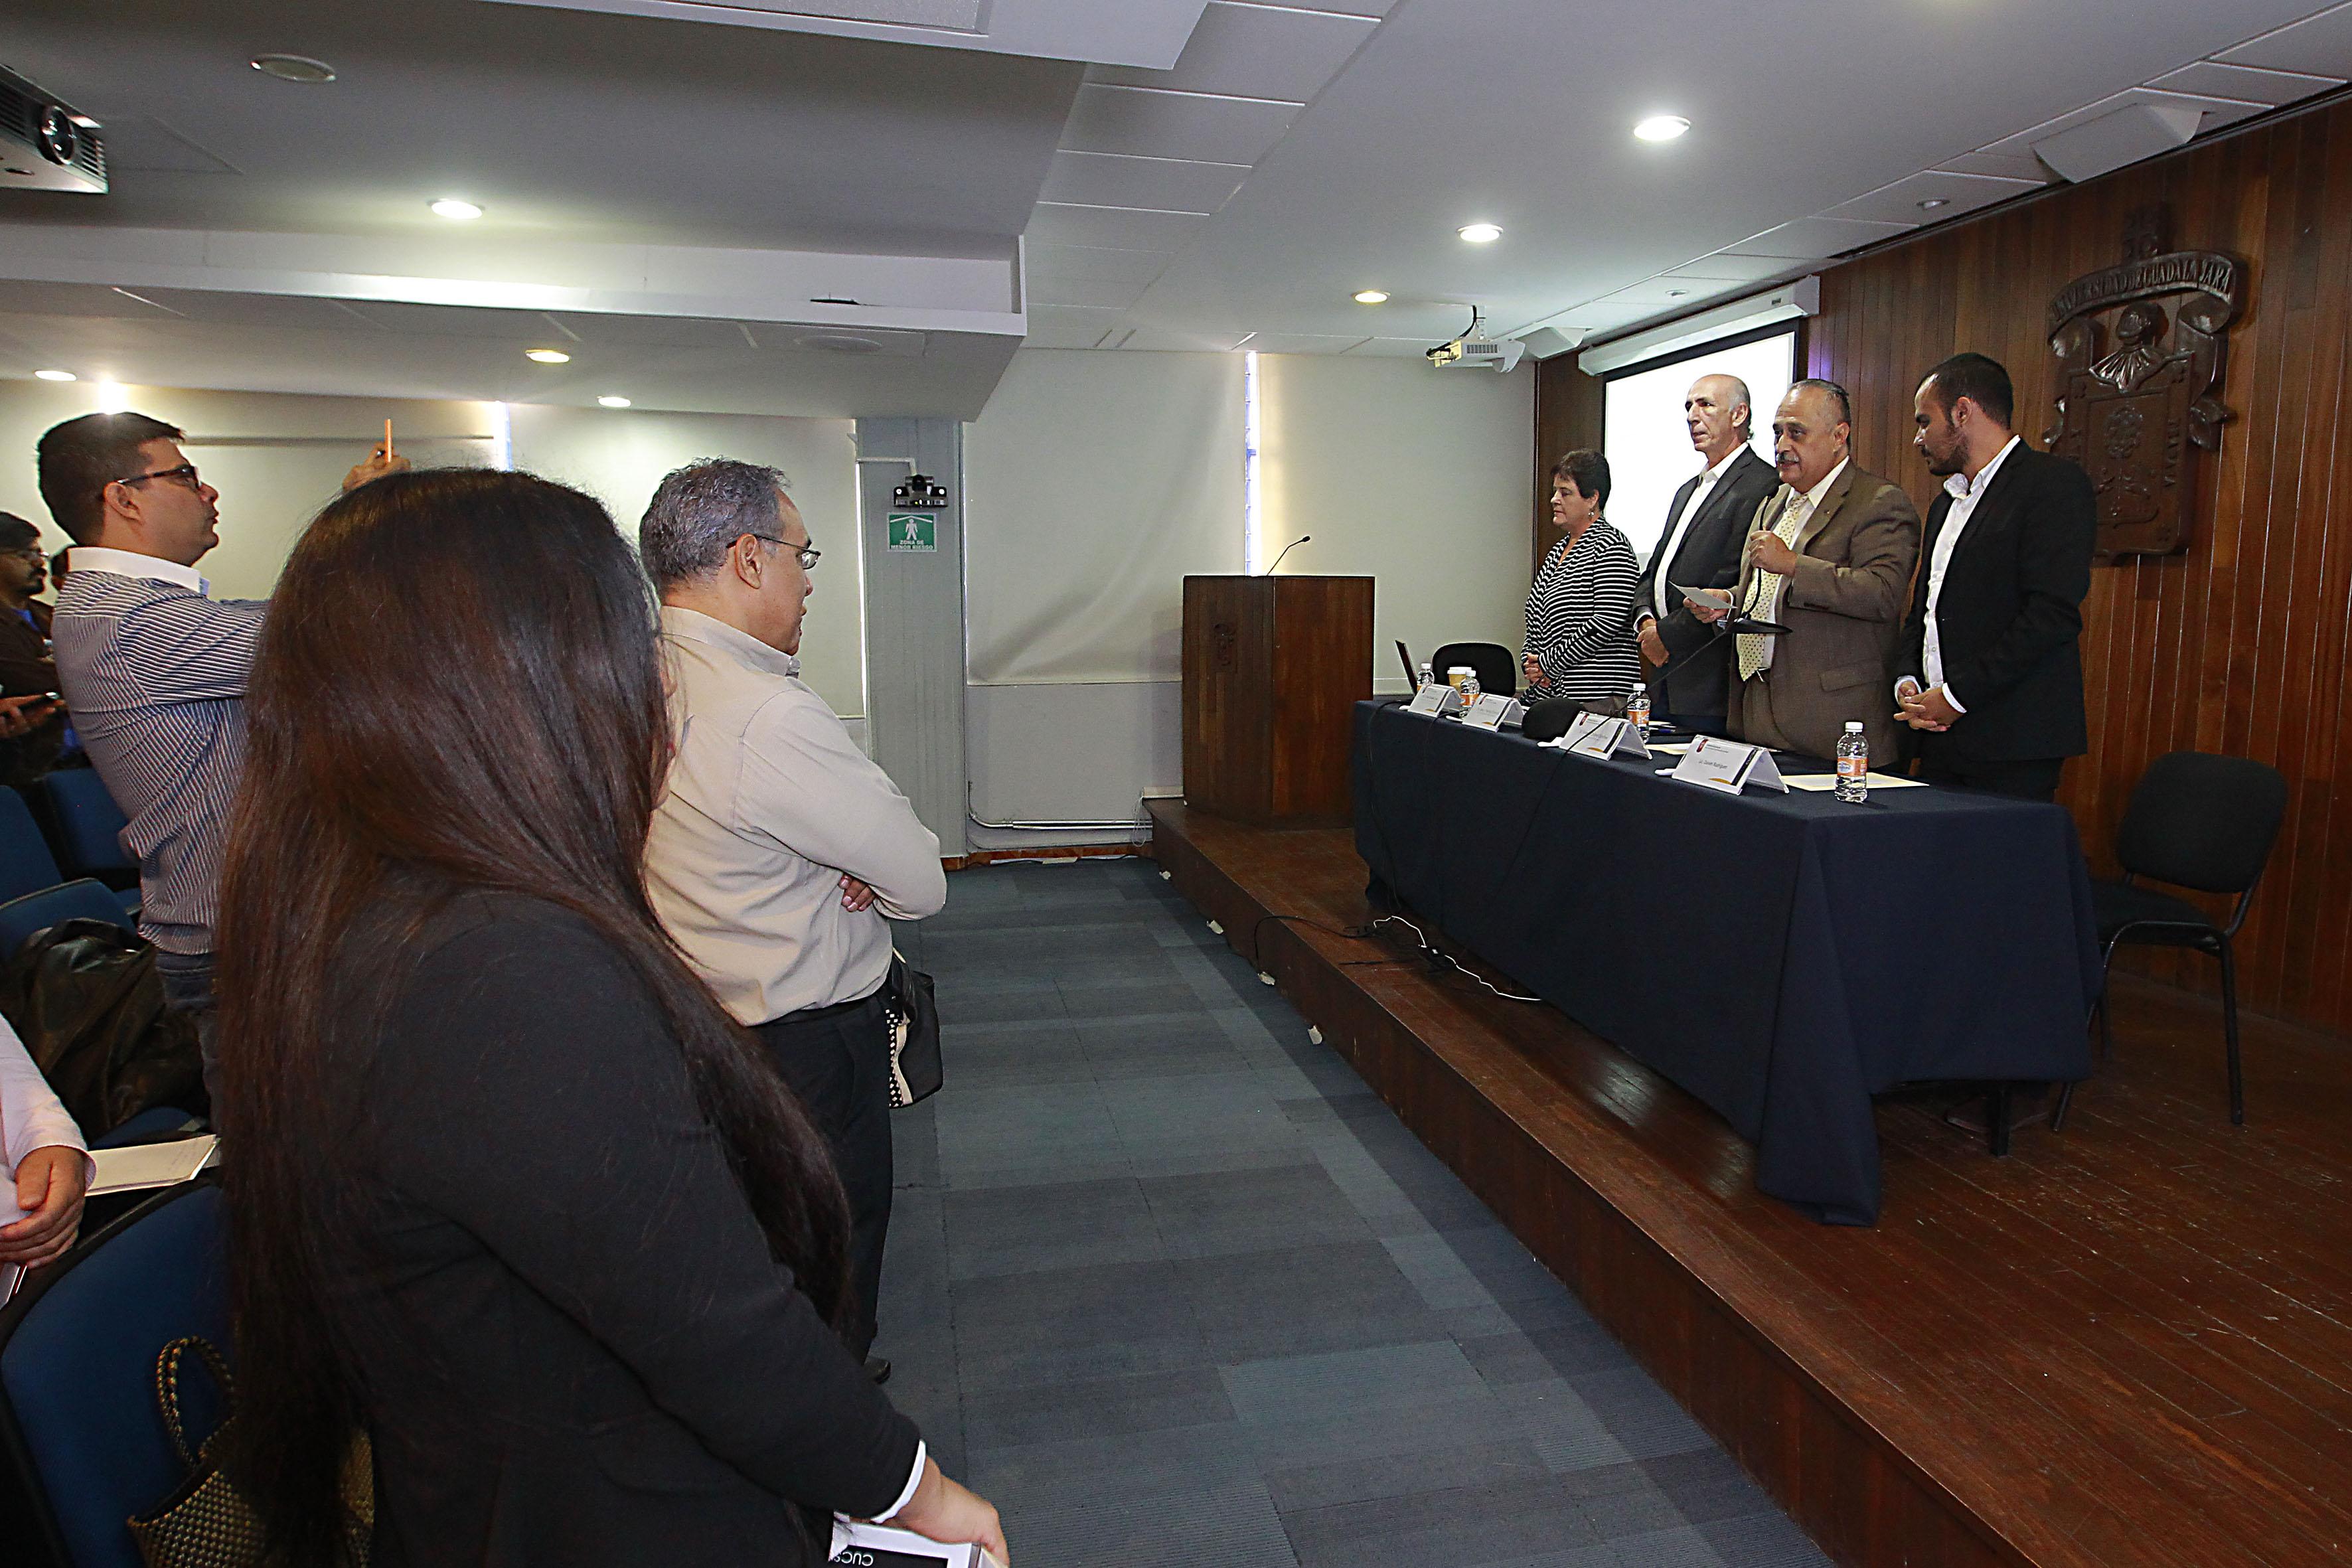 Ponentes y publico asistente al  1er Coloquio de Ética Pública